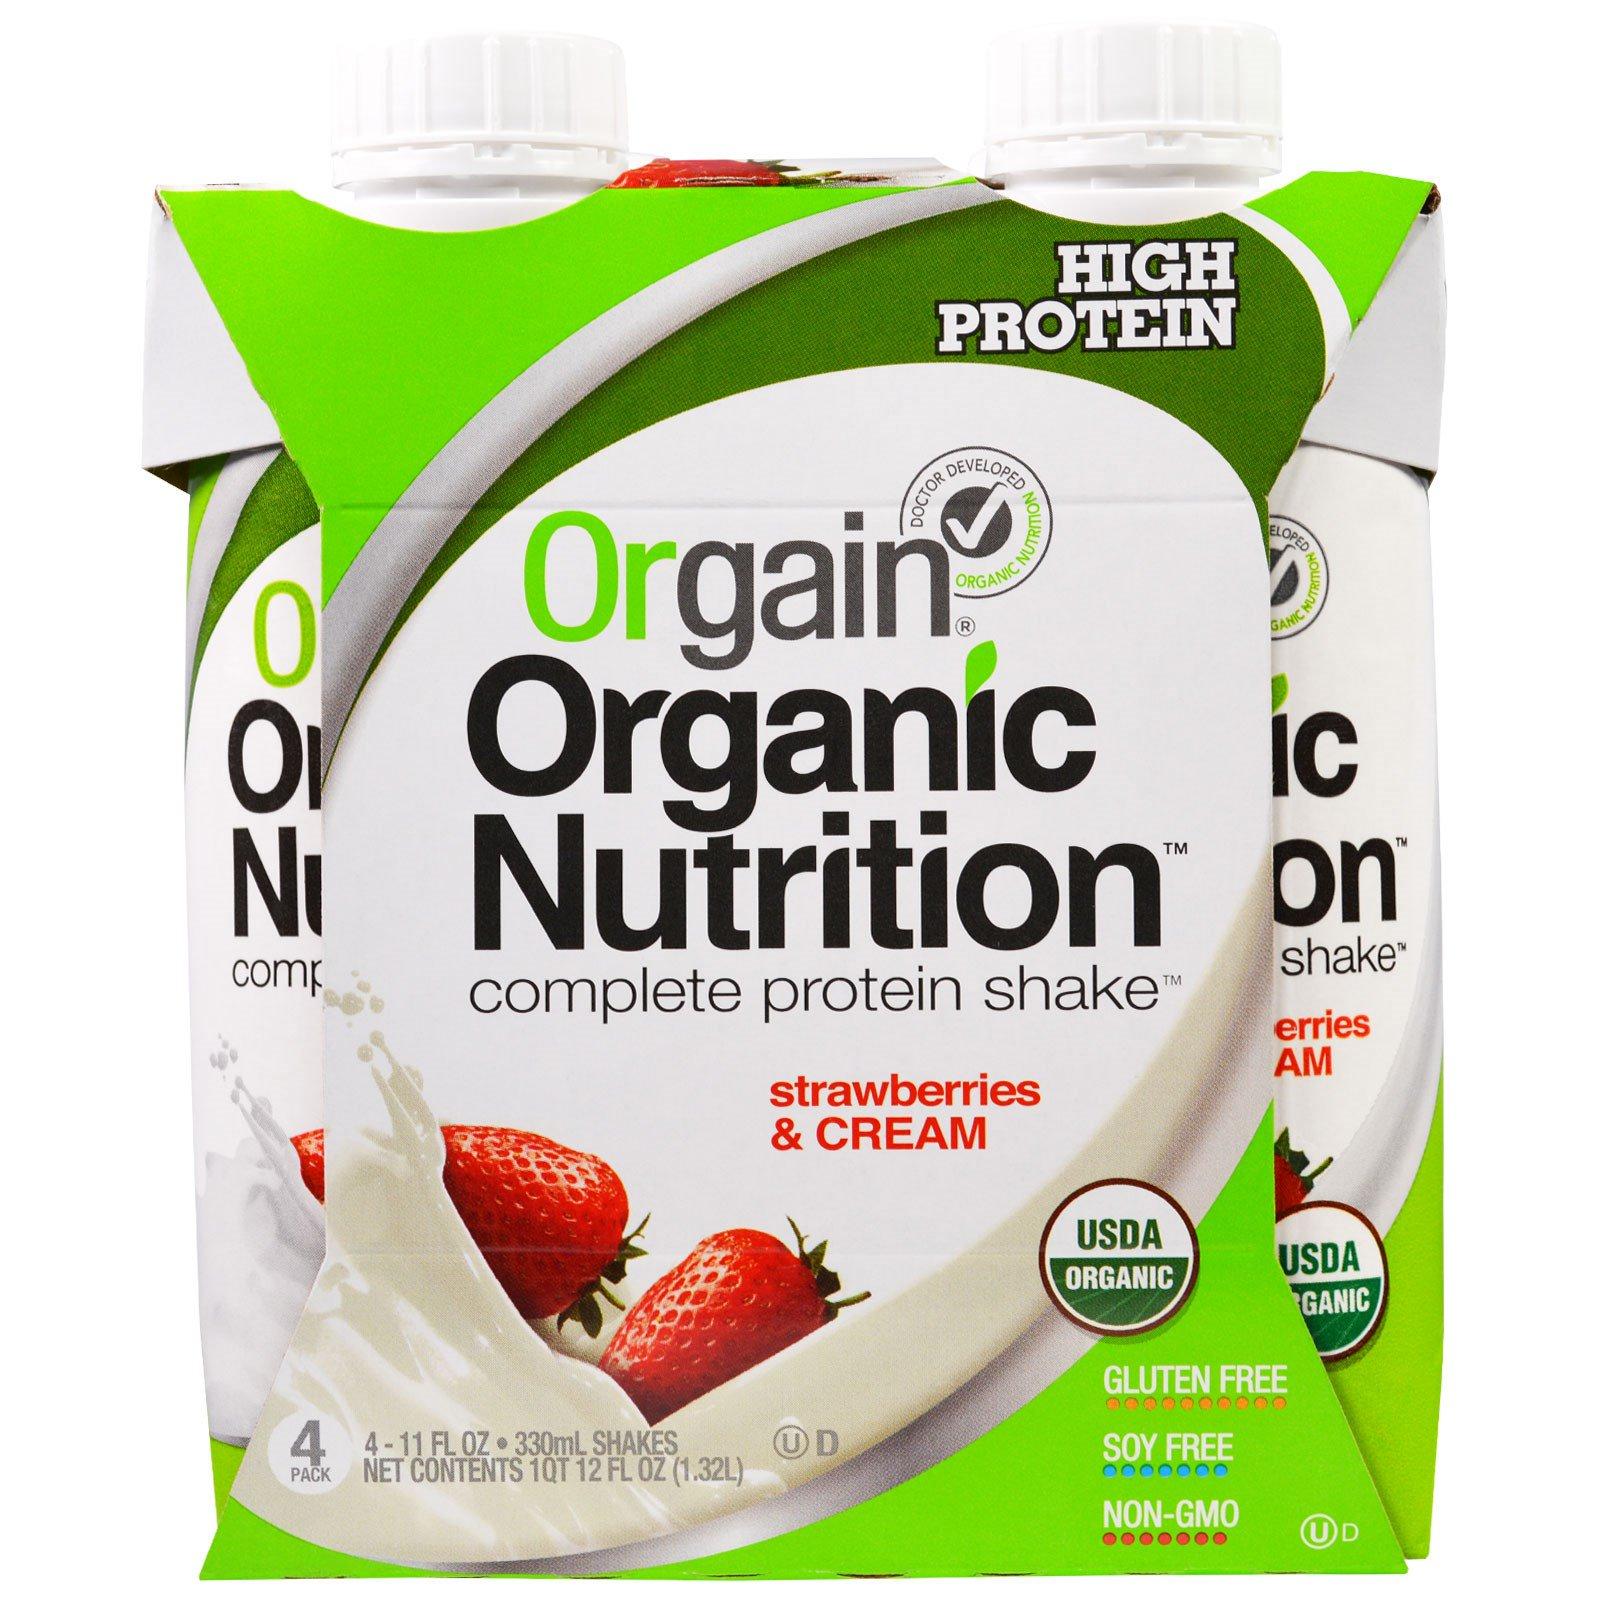 Orgain, Органический питательный полный белковый коктейль, клубника и сливки, 4 шт. в упаковке, по 11 жидк. унц. (330 мл) каждый